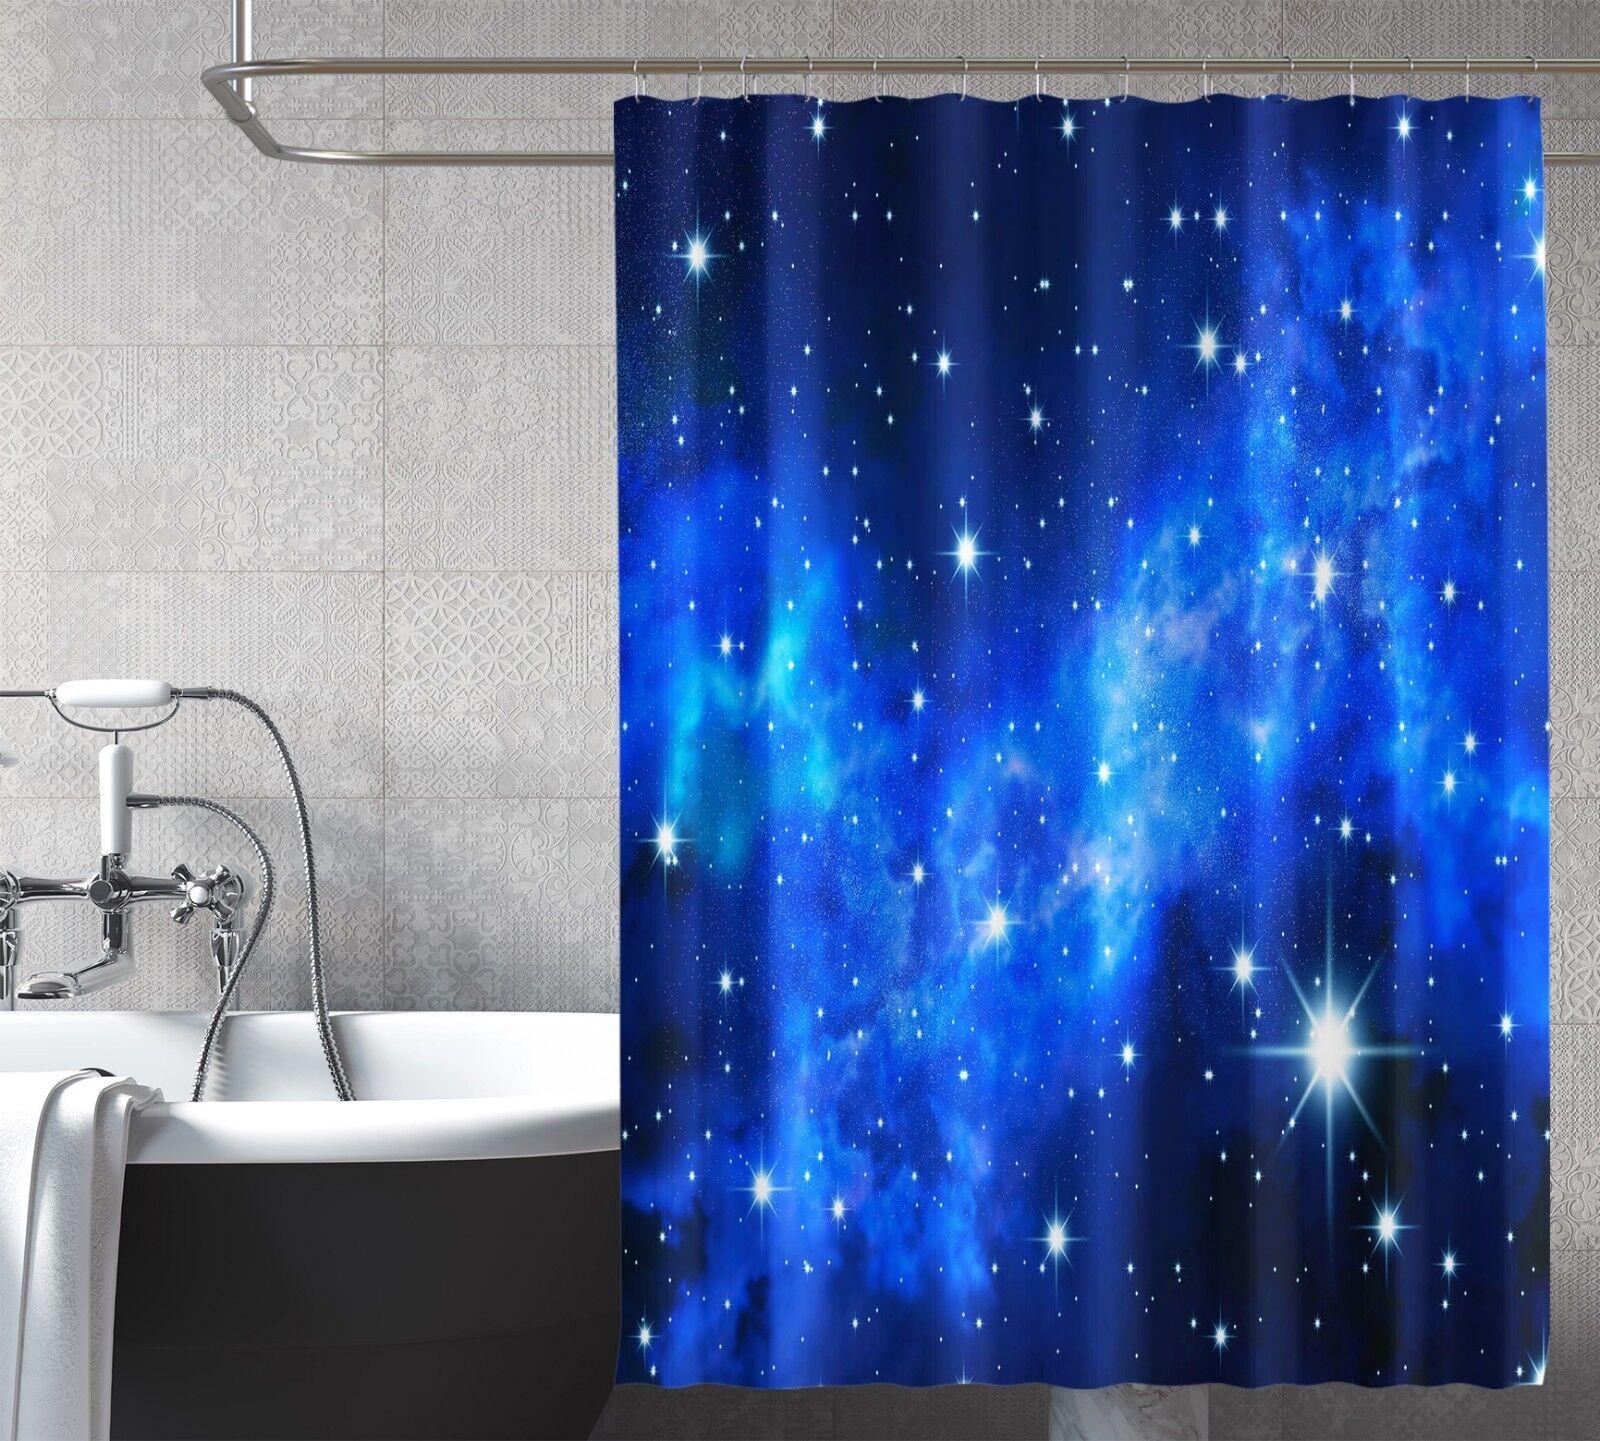 3D Sternenhimmel 70 Duschvorhang Wasserdicht Faser Bad Daheim Windows Toilette | Bekannt für seine gute Qualität